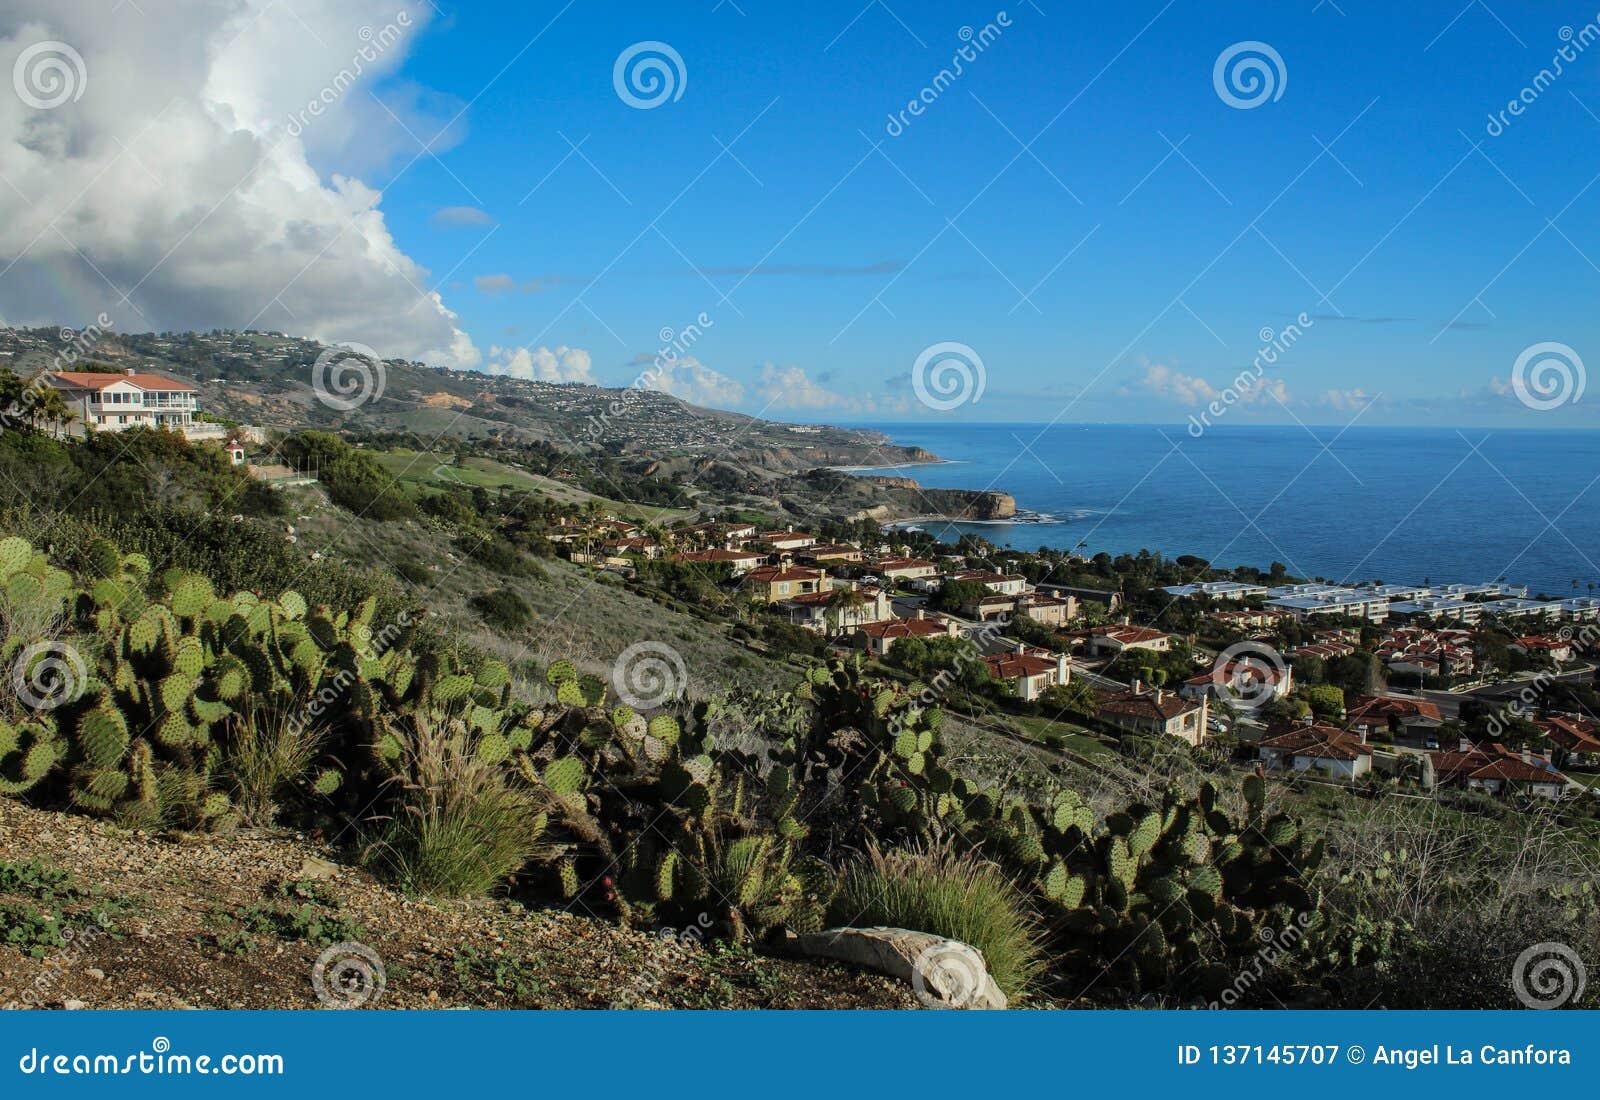 sweeping view of the palos verdes peninsula coastline, los